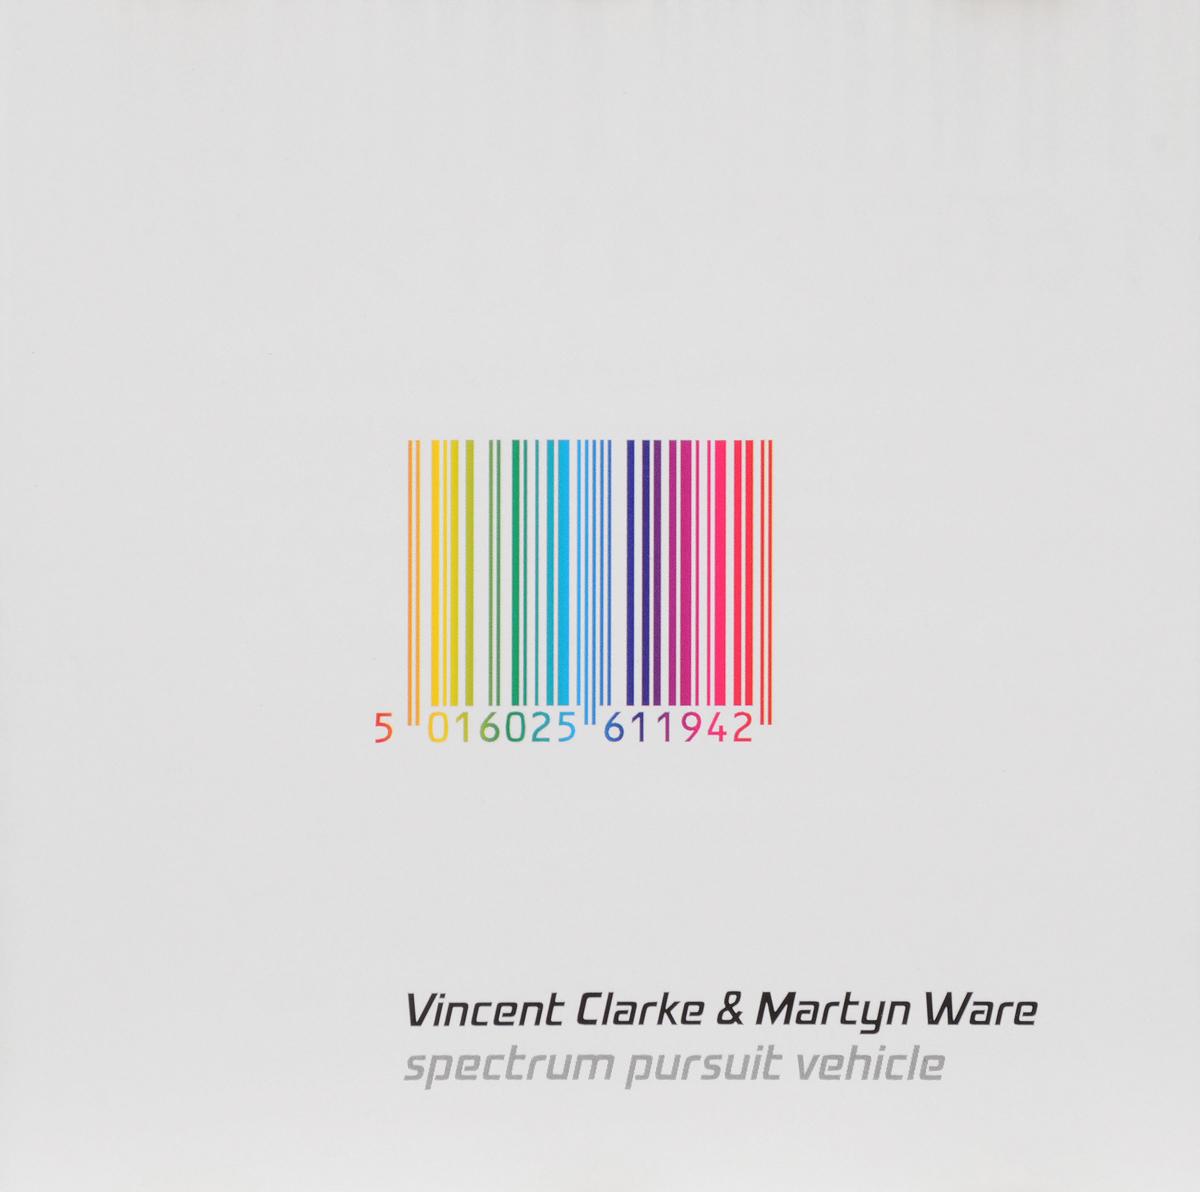 Vincent Clarke & Martyn Ware. Spectrum Pursuit Vehicle hot pursuit